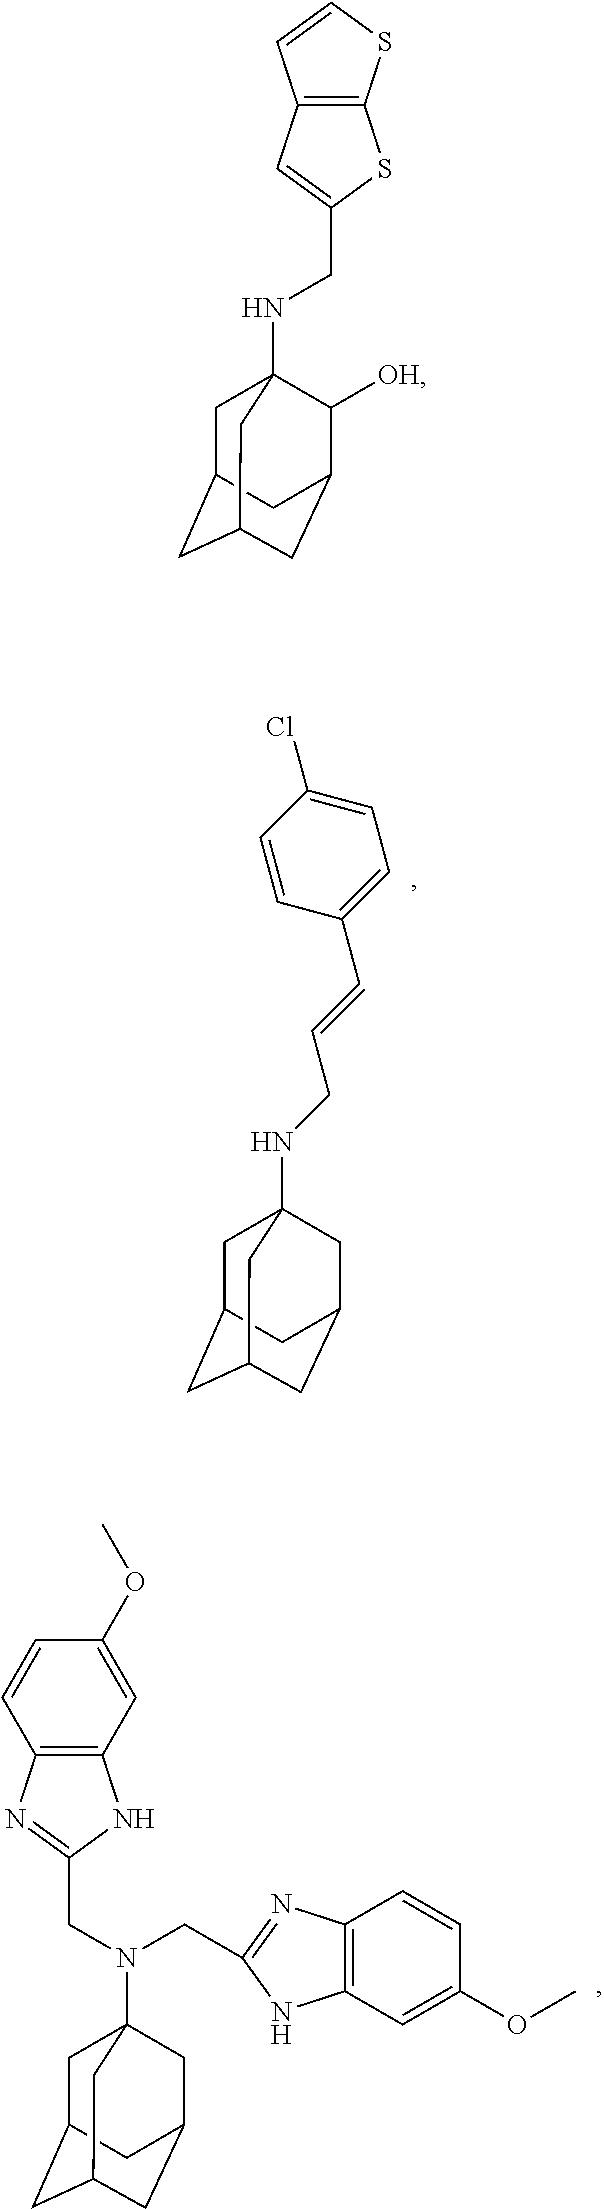 Figure US09884832-20180206-C00174